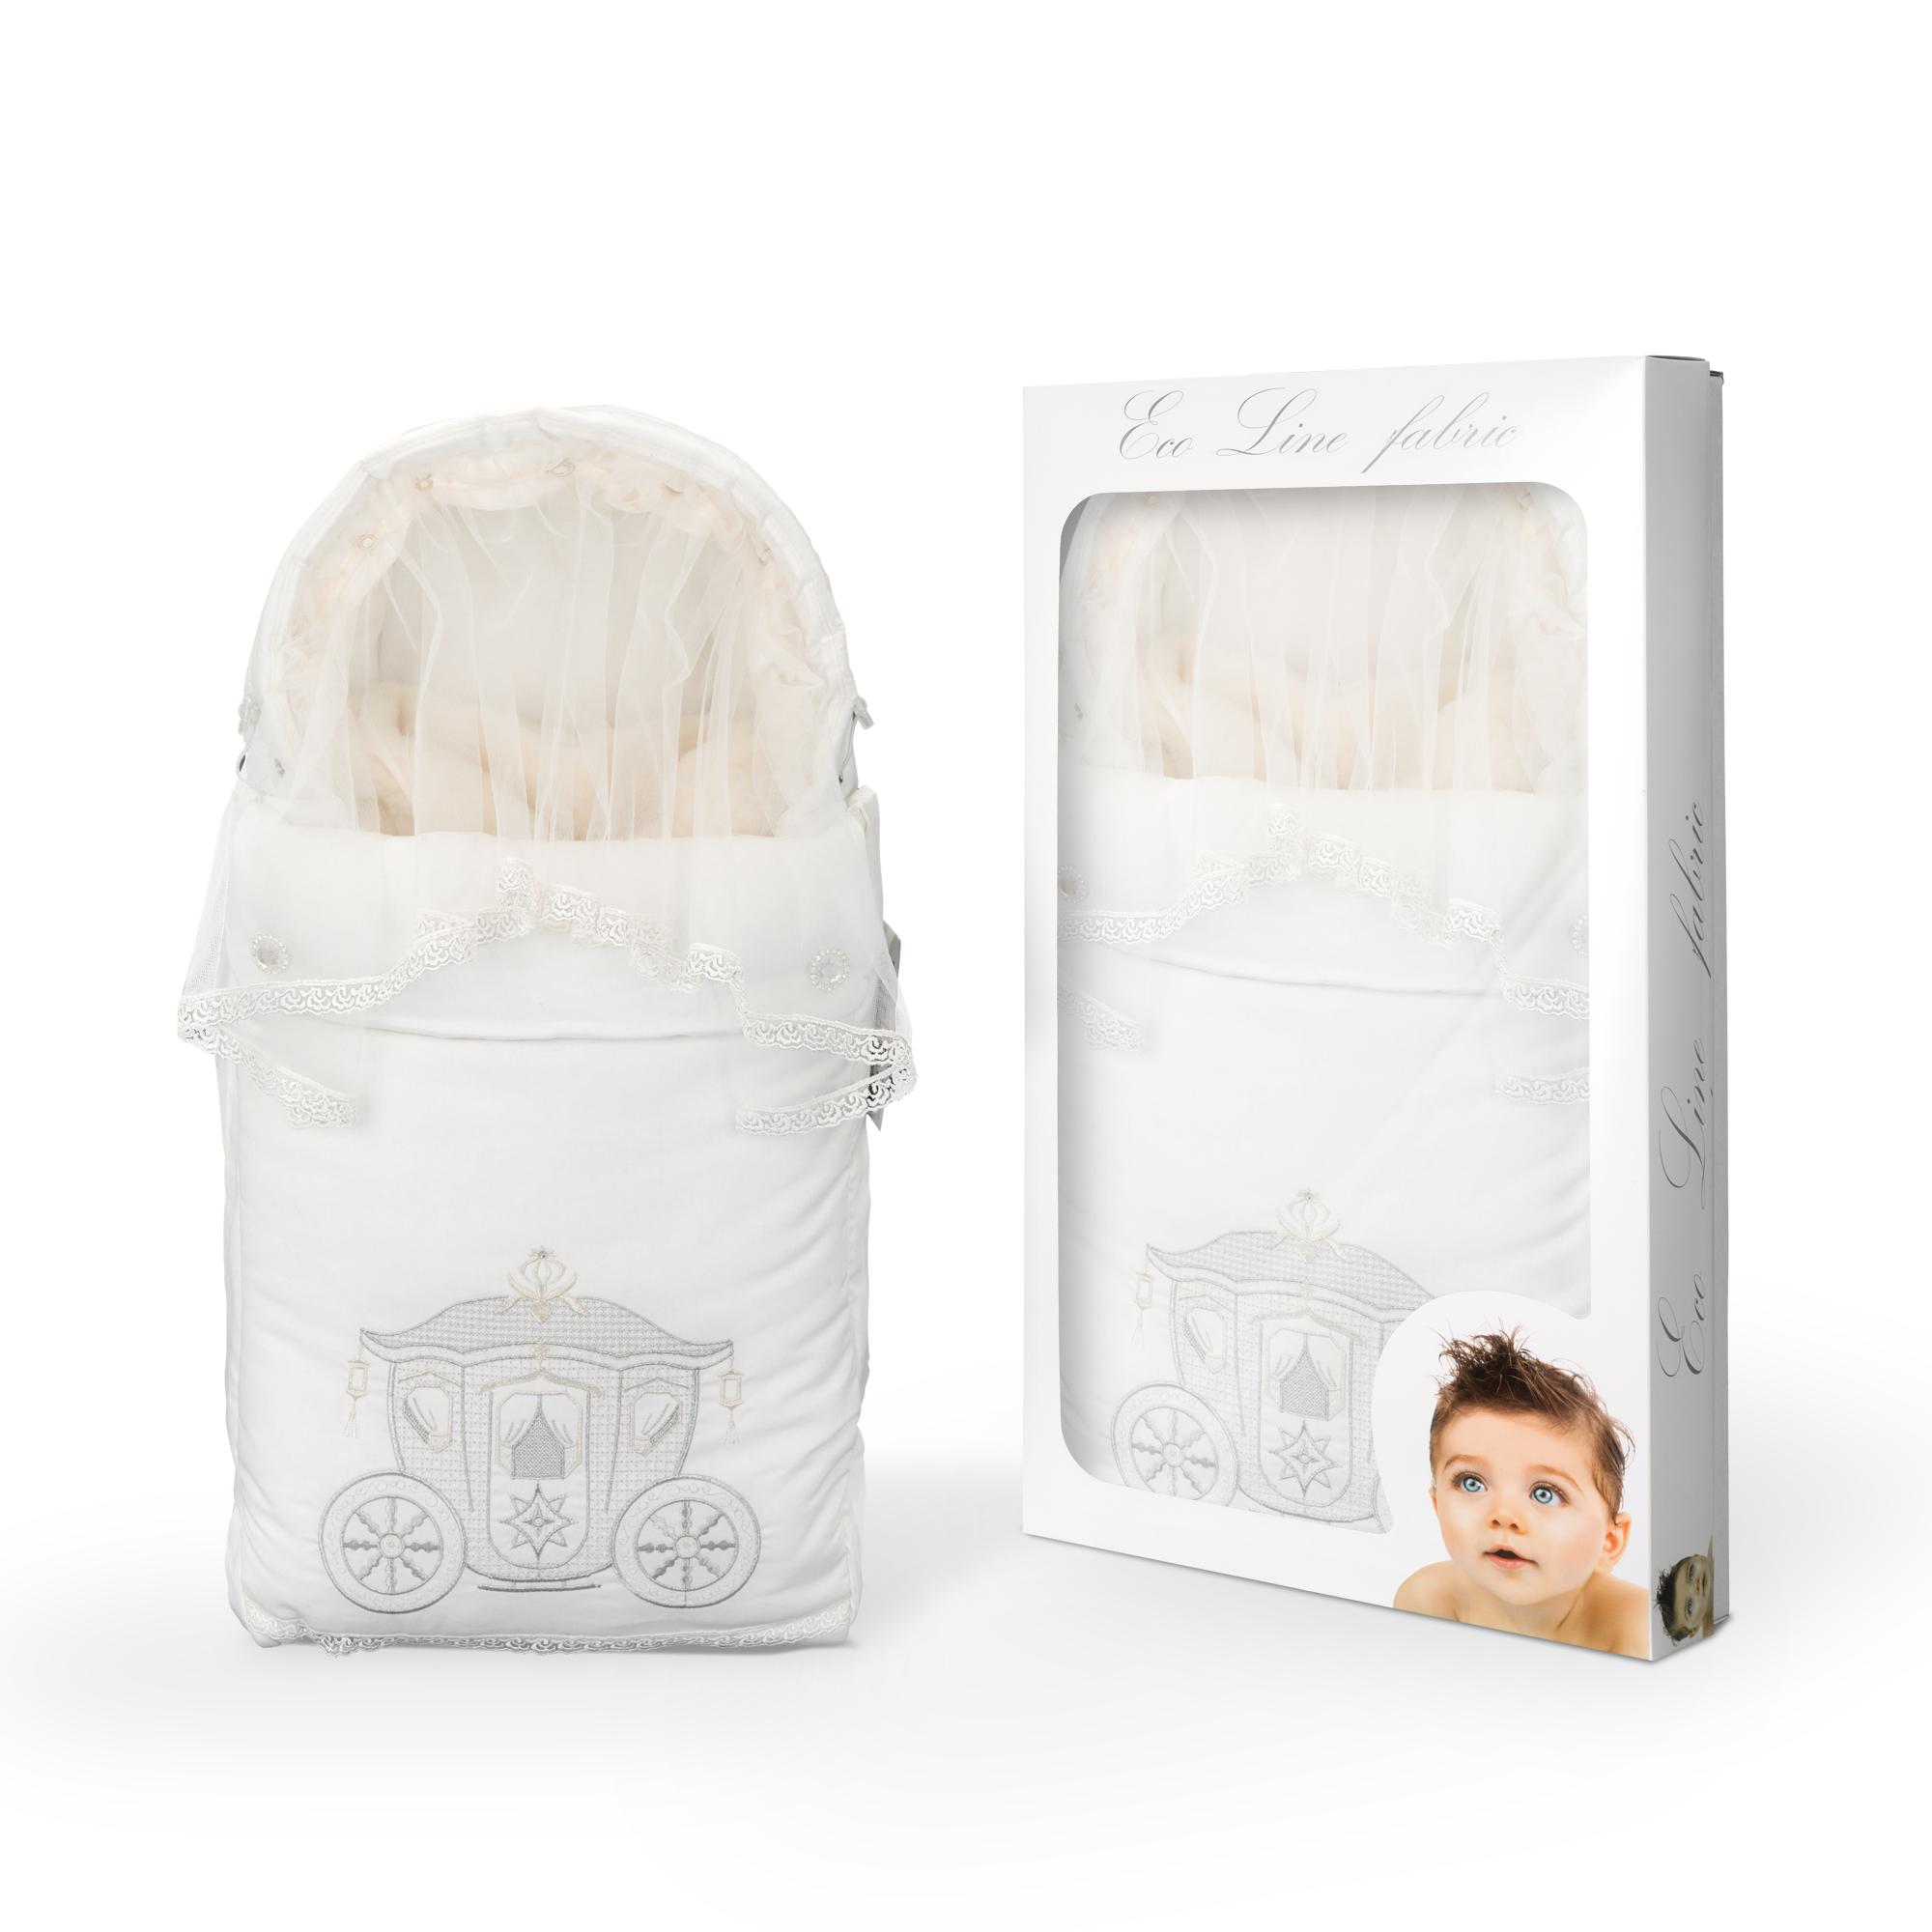 Сбор заказов. Товары для новорожденных от Eco line F@brik - Премиум качество, стиль и красота. Комплекты и бортики в